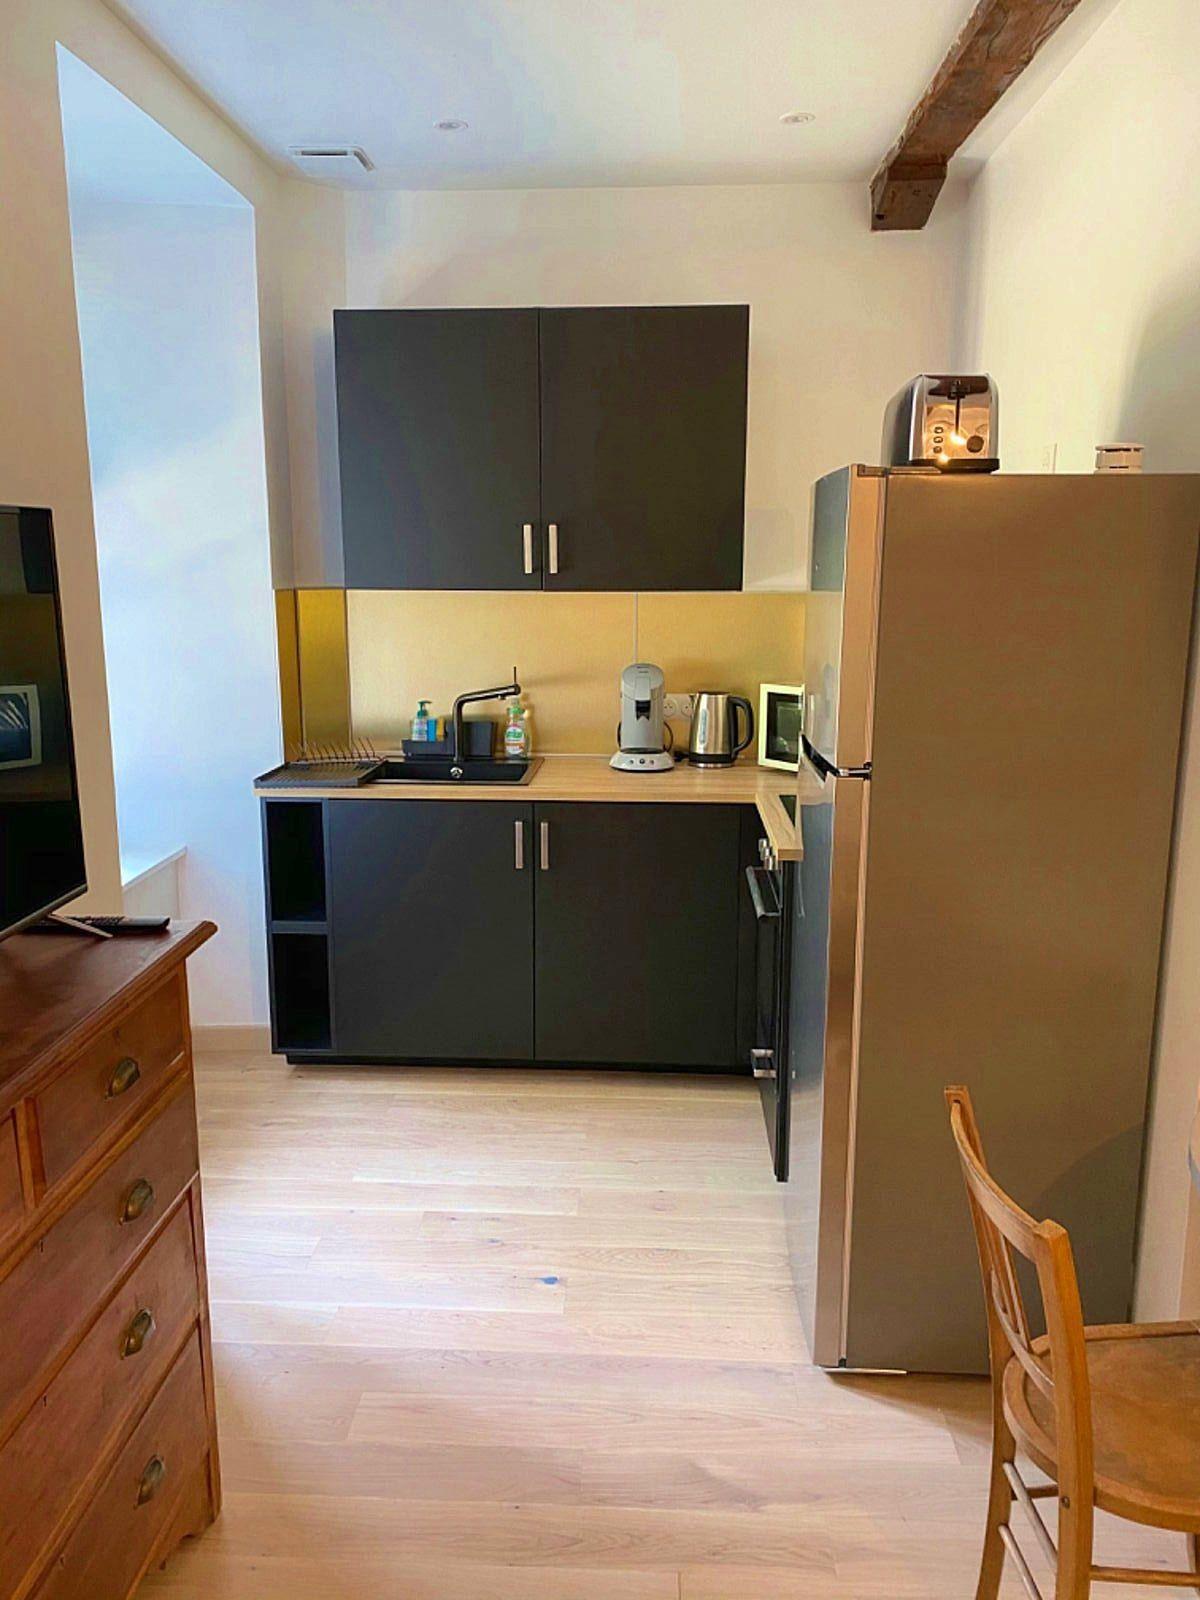 Loue appartements à Saint Malo, St Servan, mer et commerces à 5min - 2chambres